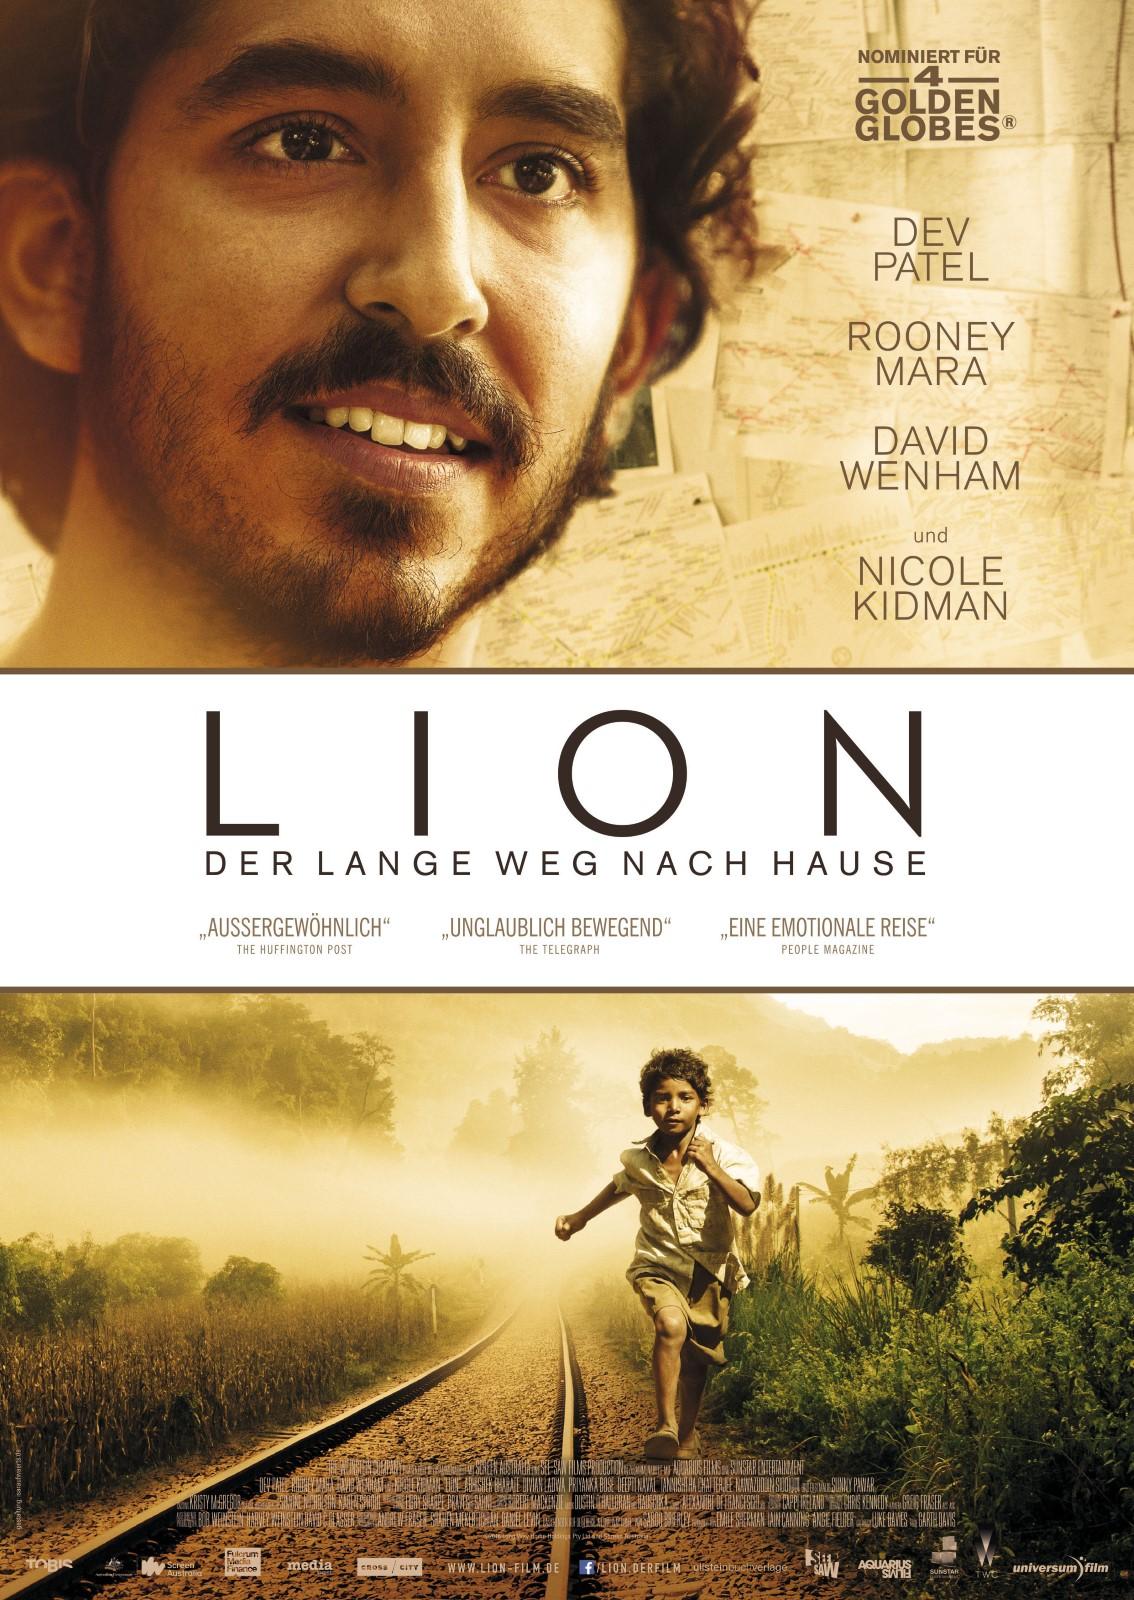 Filmtipp - Lion - Filmtipps.tv